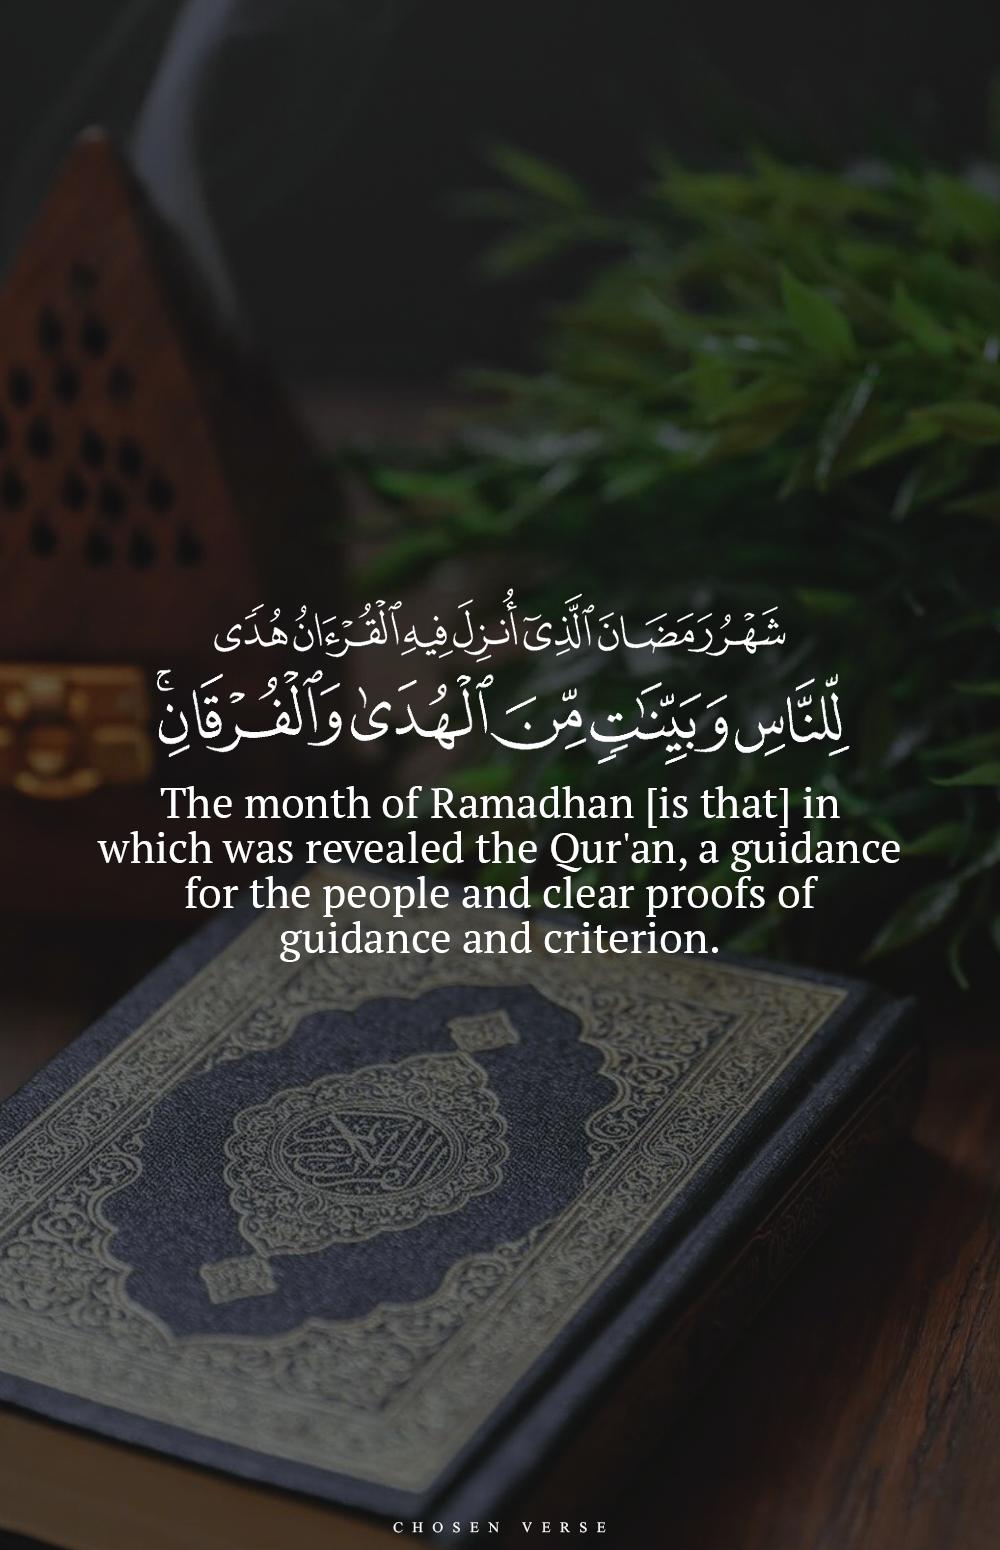 ش ه ر ر م ض ان ال ذ ي أ ن ز ل ف يه ال ق ر آن أي الصوم المفروض عليكم هو شهر رمضان الشهر العظيم Islamic Inspirational Quotes Quran Book Quran Verses